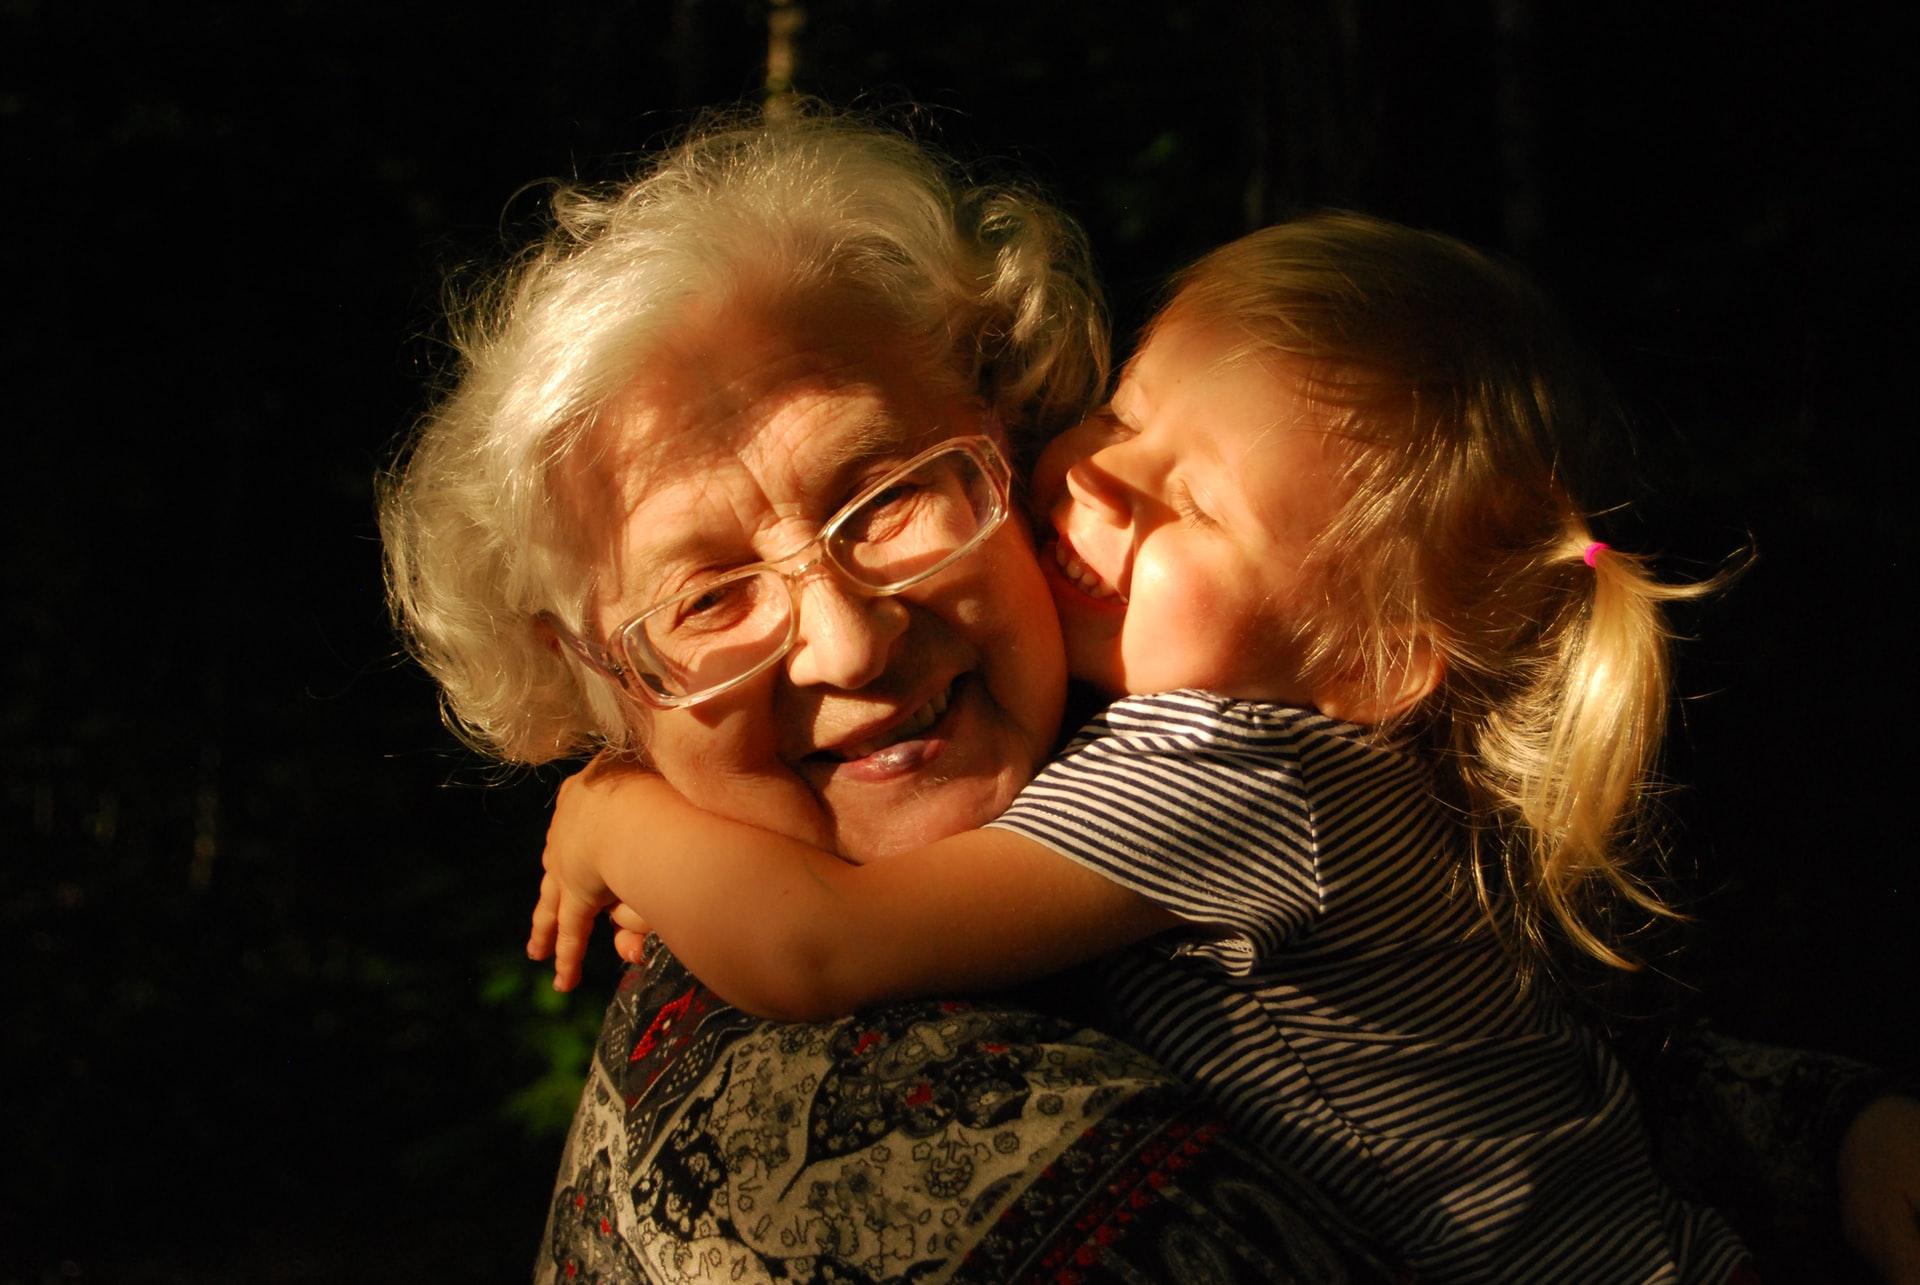 Jedna od aktivnosti koje deca i starije osobe mogu raditizajedno je i grljenje